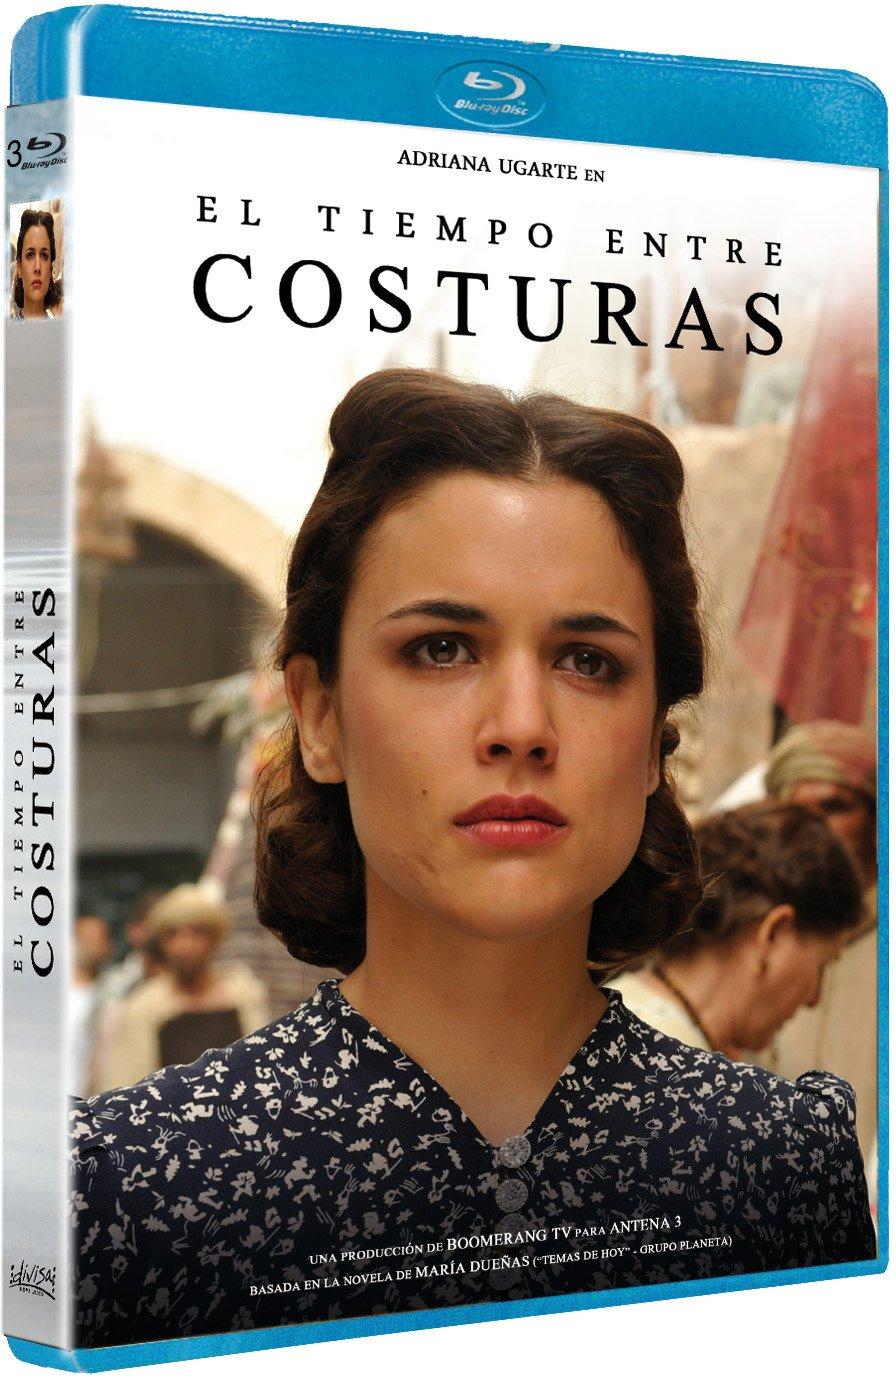 El tiempo entre costuras [Blu-ray]: Amazon.es: Adriana Ugarte ...